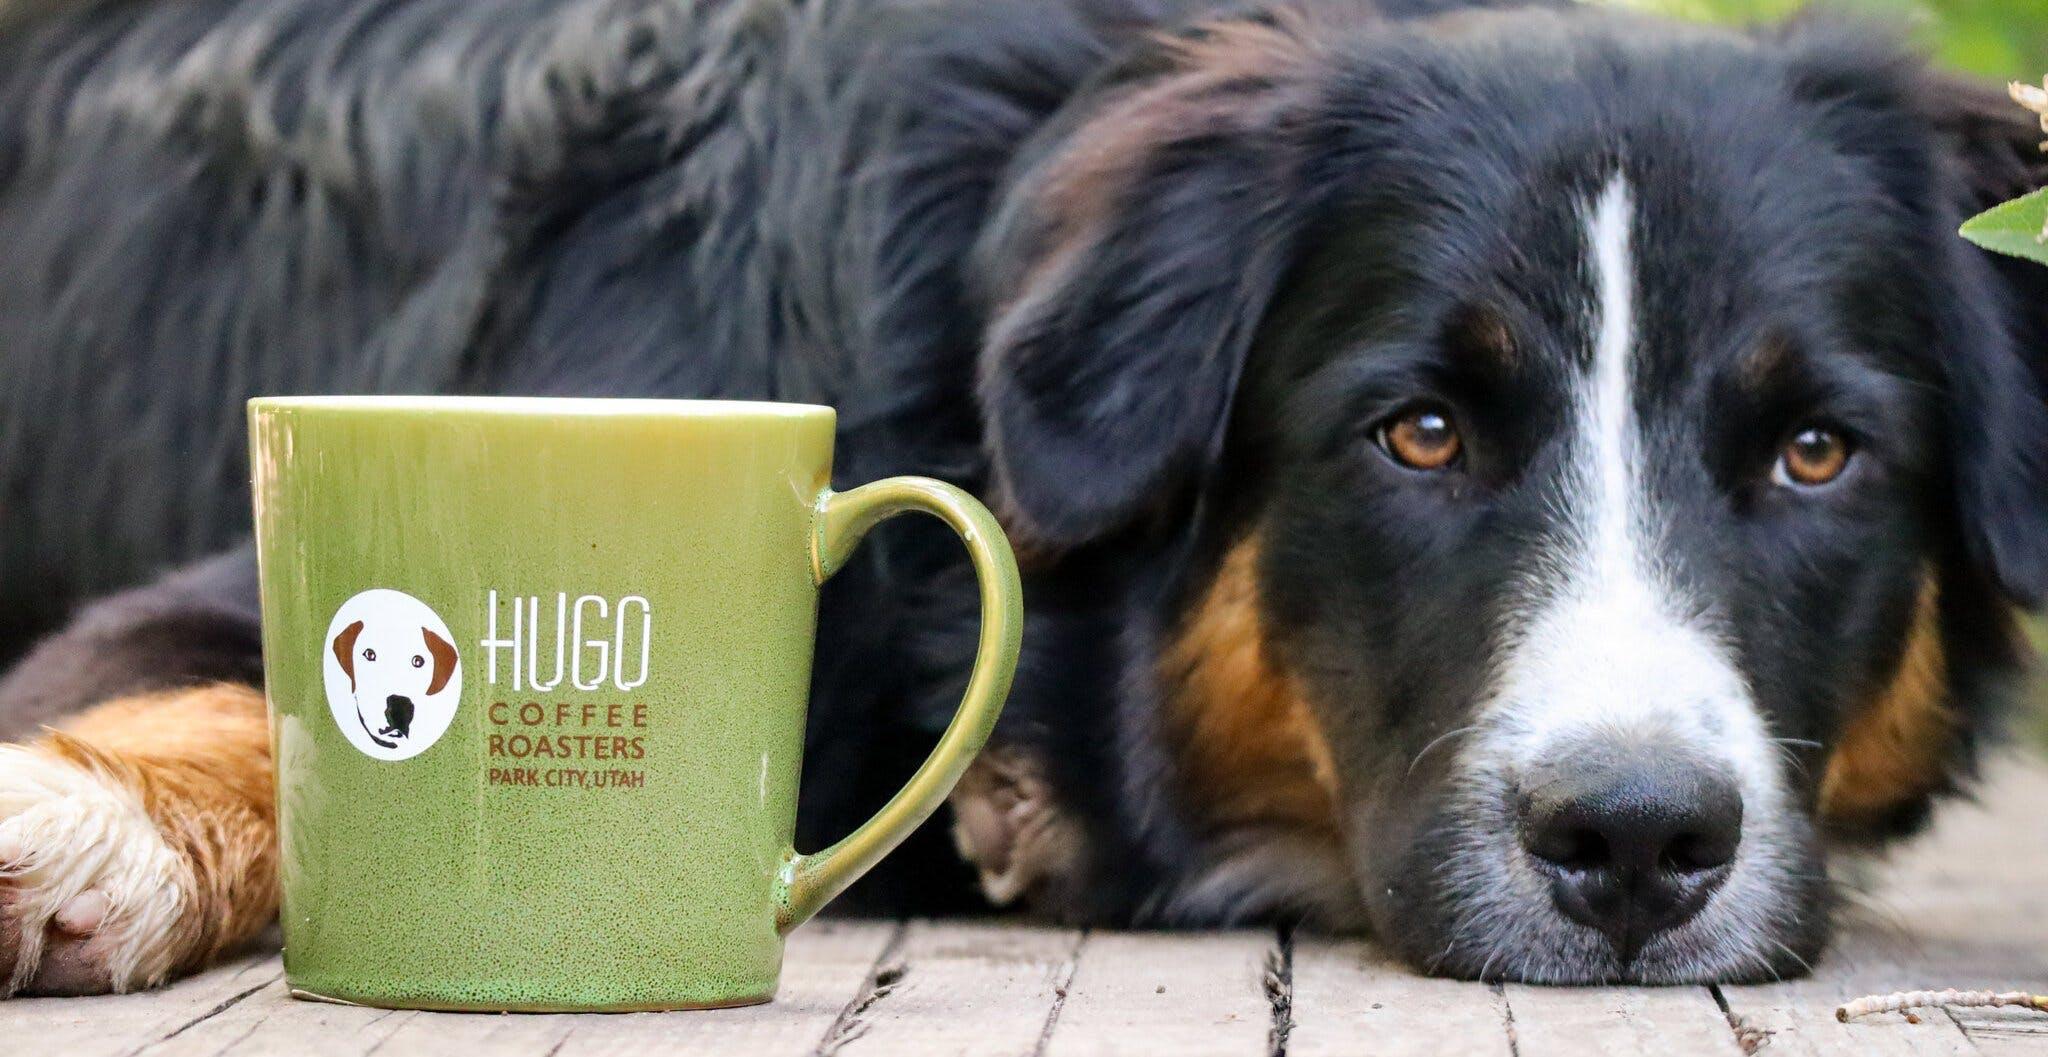 hugo coffee cup